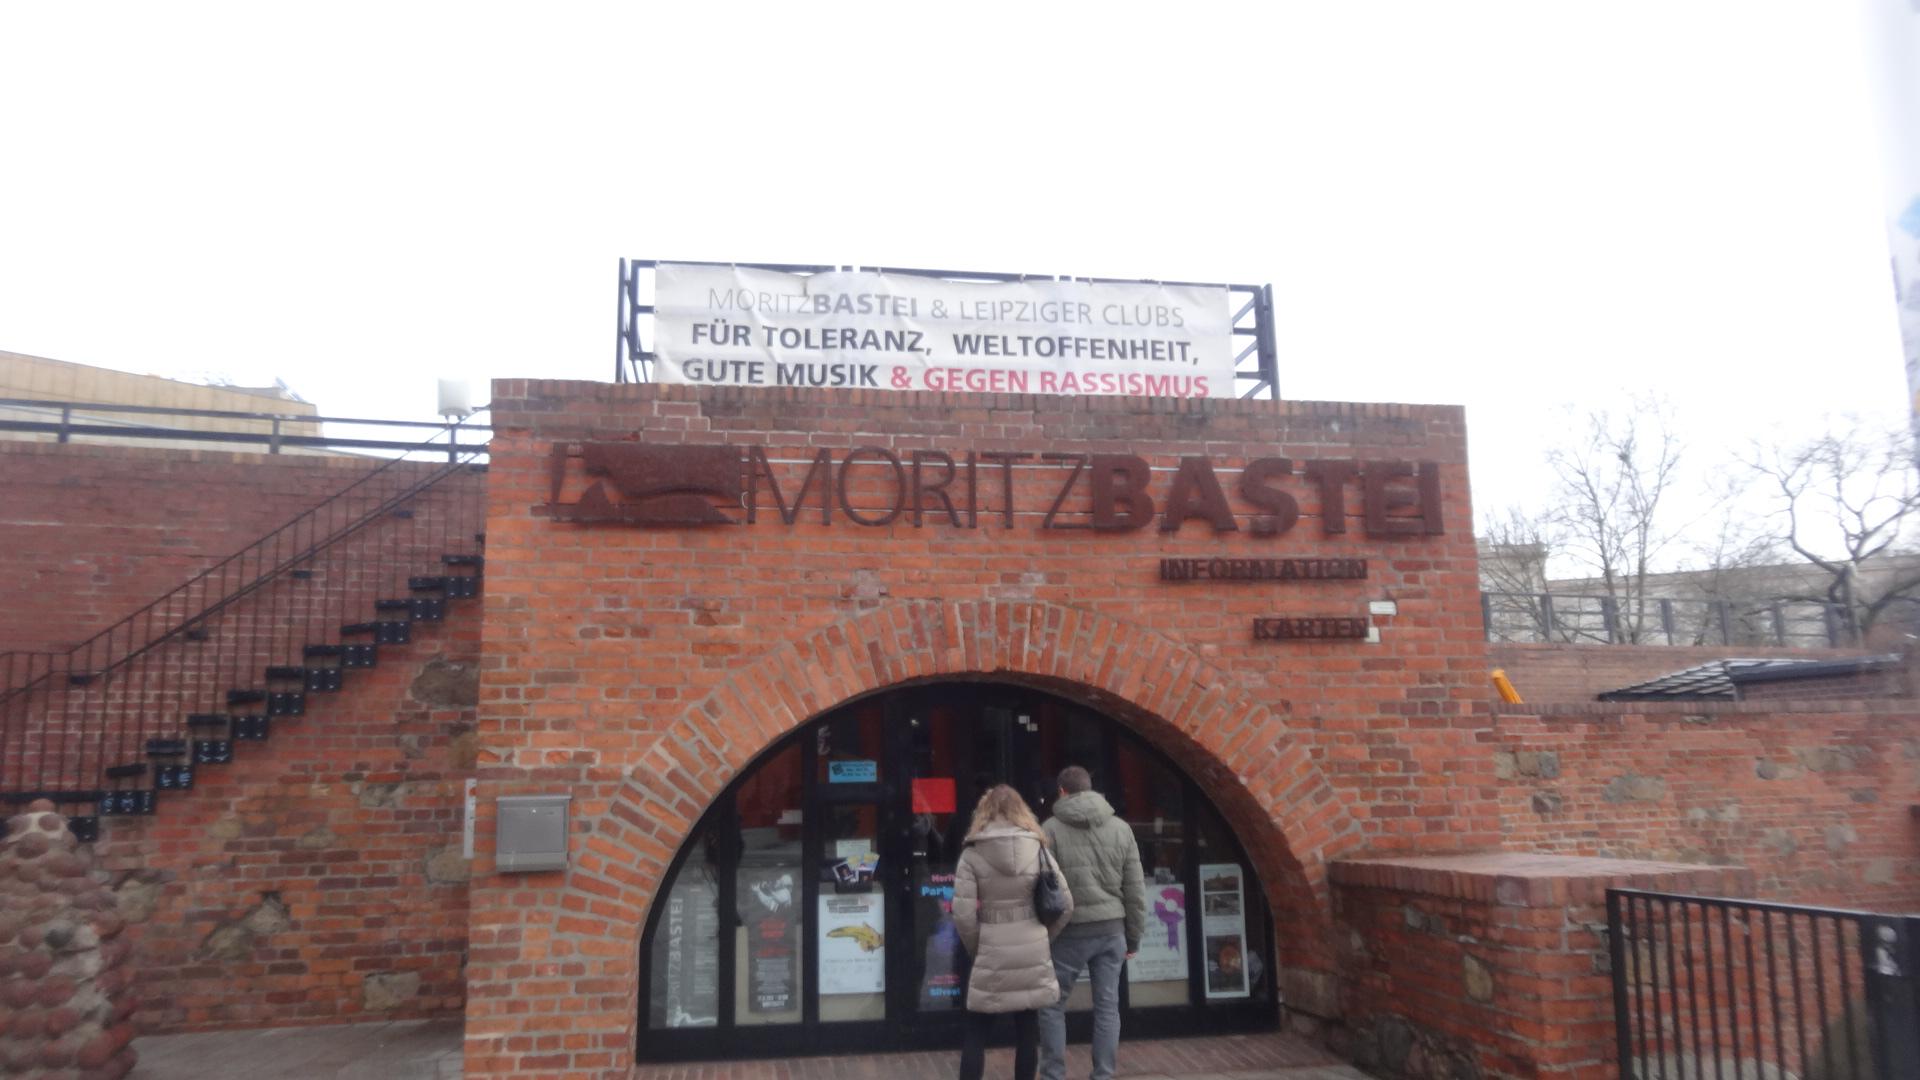 Moritz Bastei